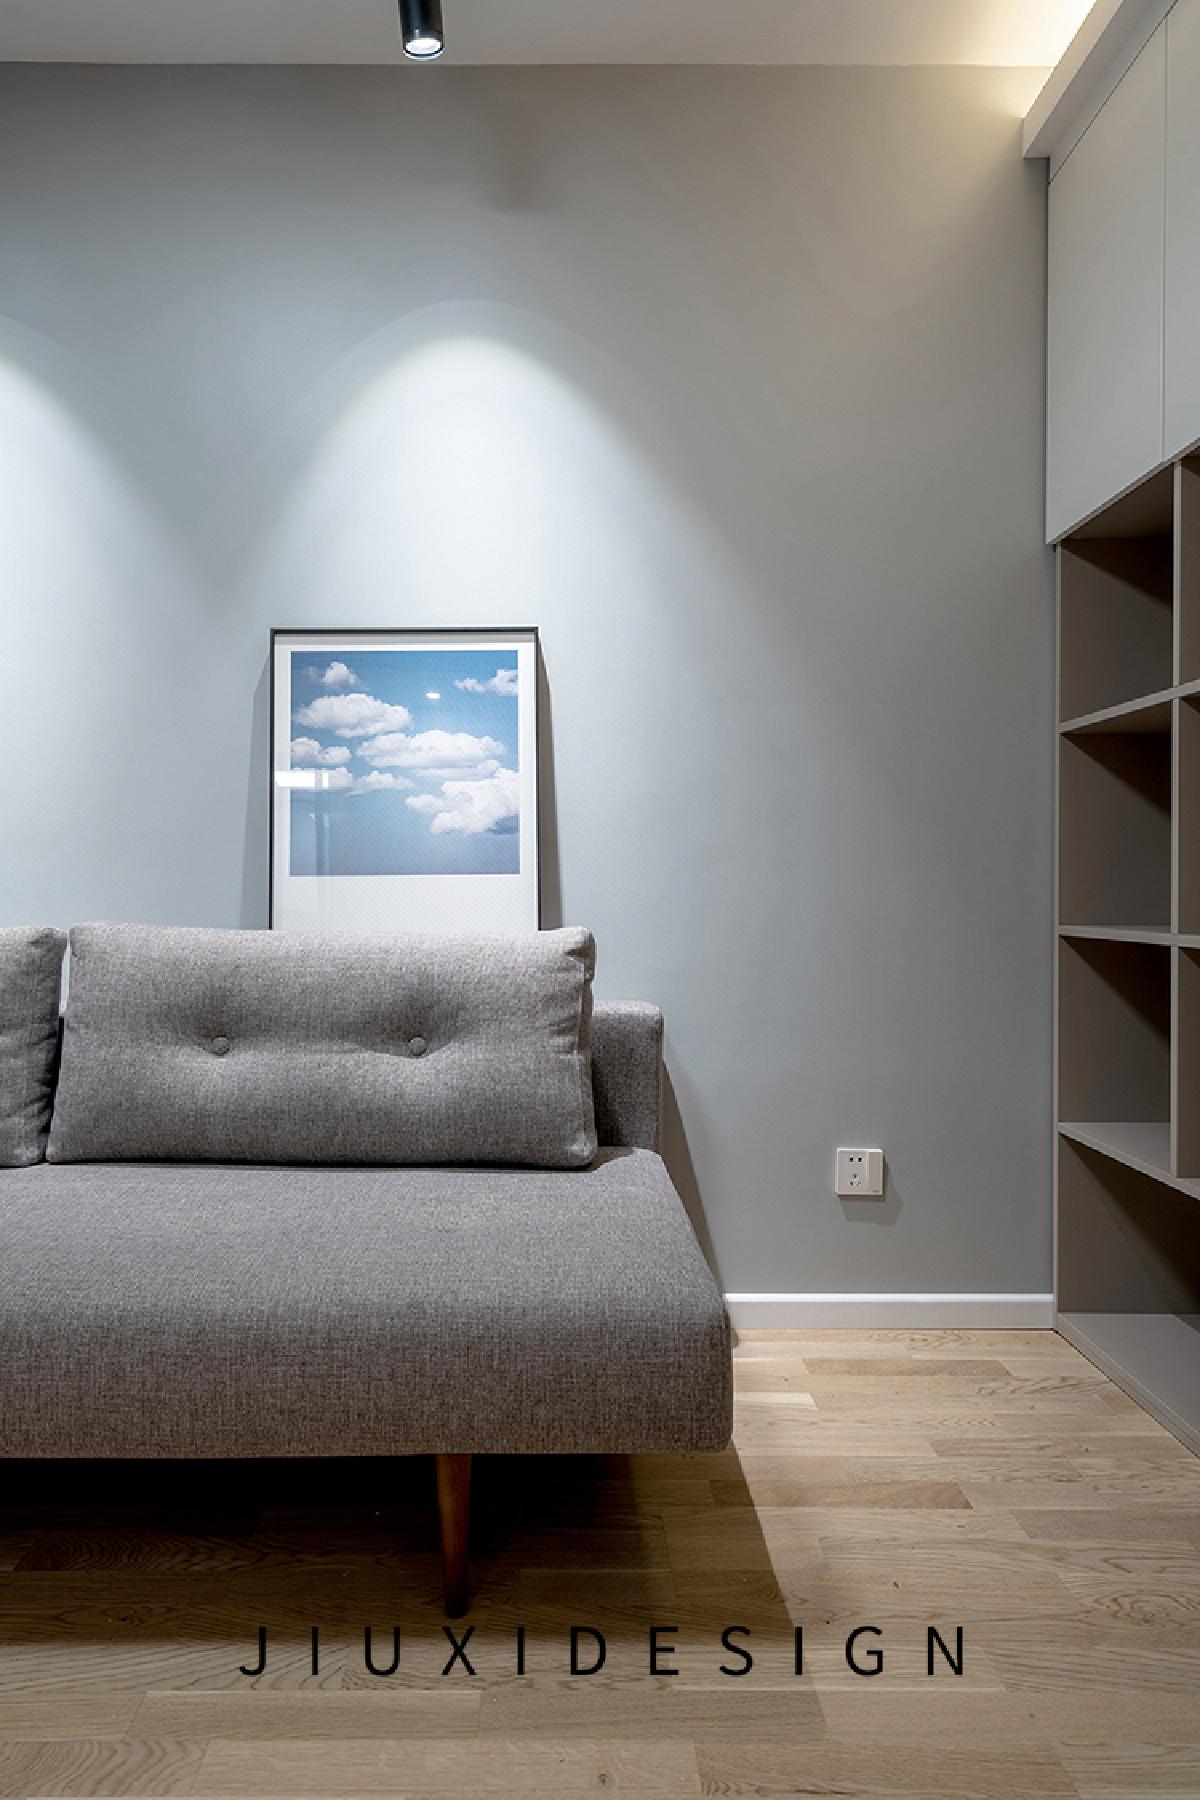 浅灰色布艺沙发宽敞舒适,沙发与储物柜之间预留了插座,方便随手充电。